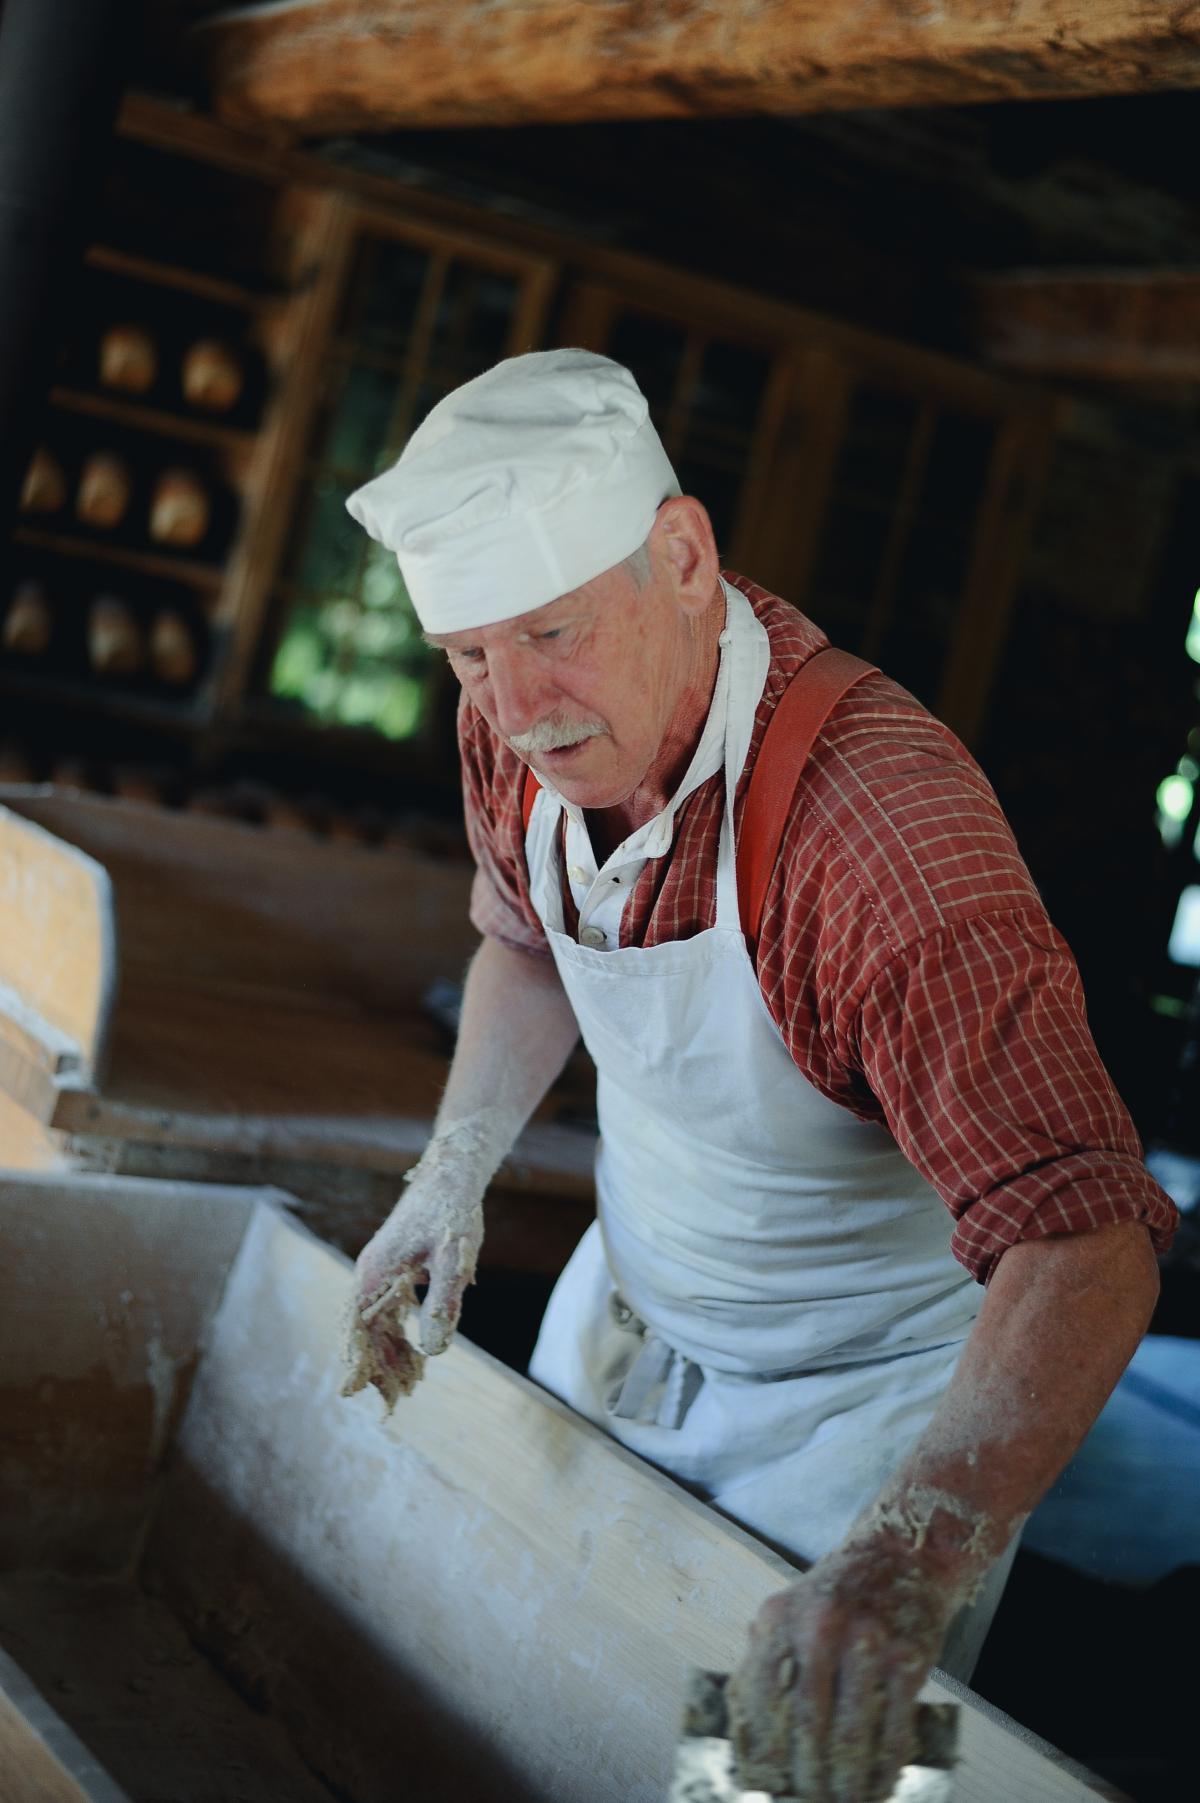 Man Male Worker